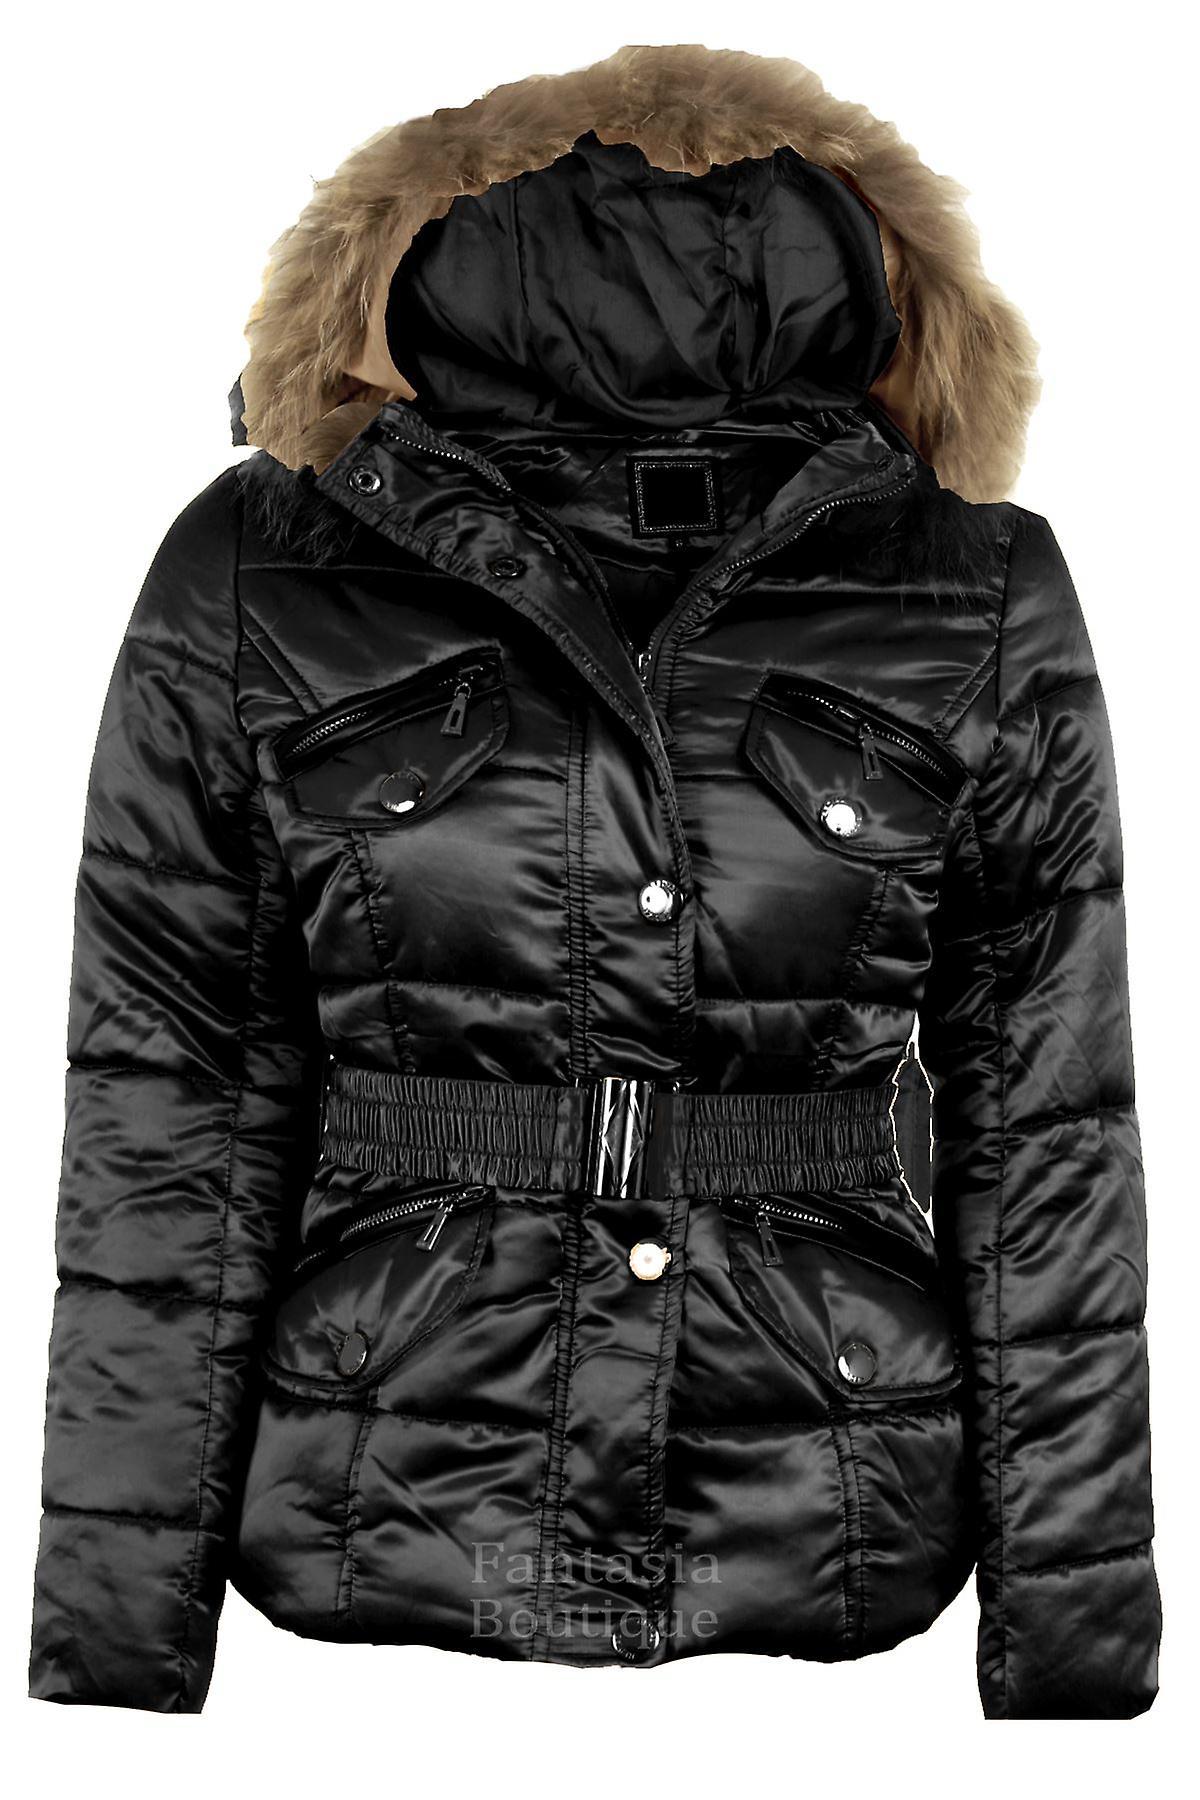 Hyvät tikattu pehmustettu Gold Celeb Style hupullinen kupla turkis turvavyötä Naisten takki